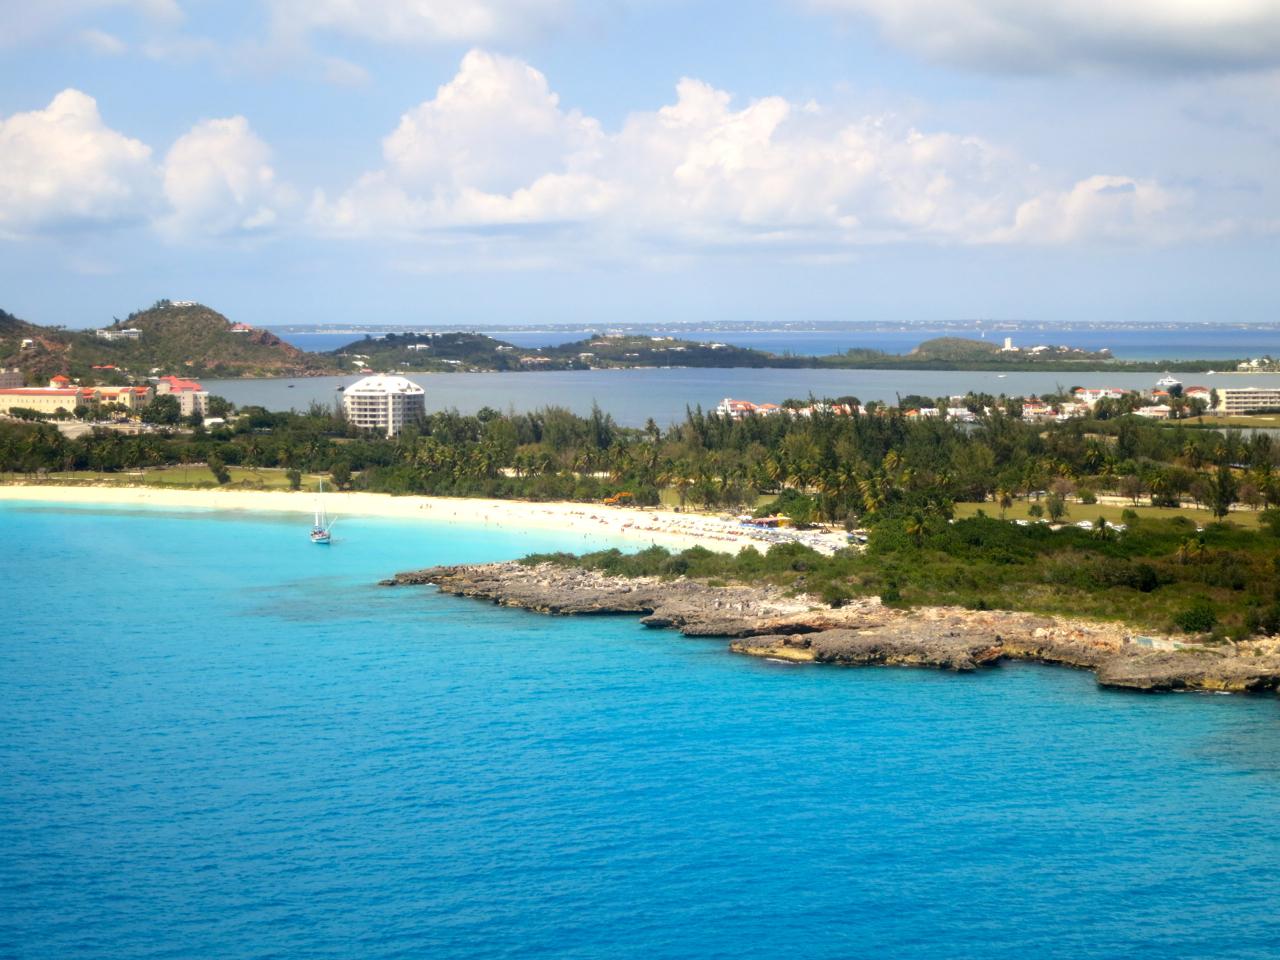 St. Maarten aerial photograph